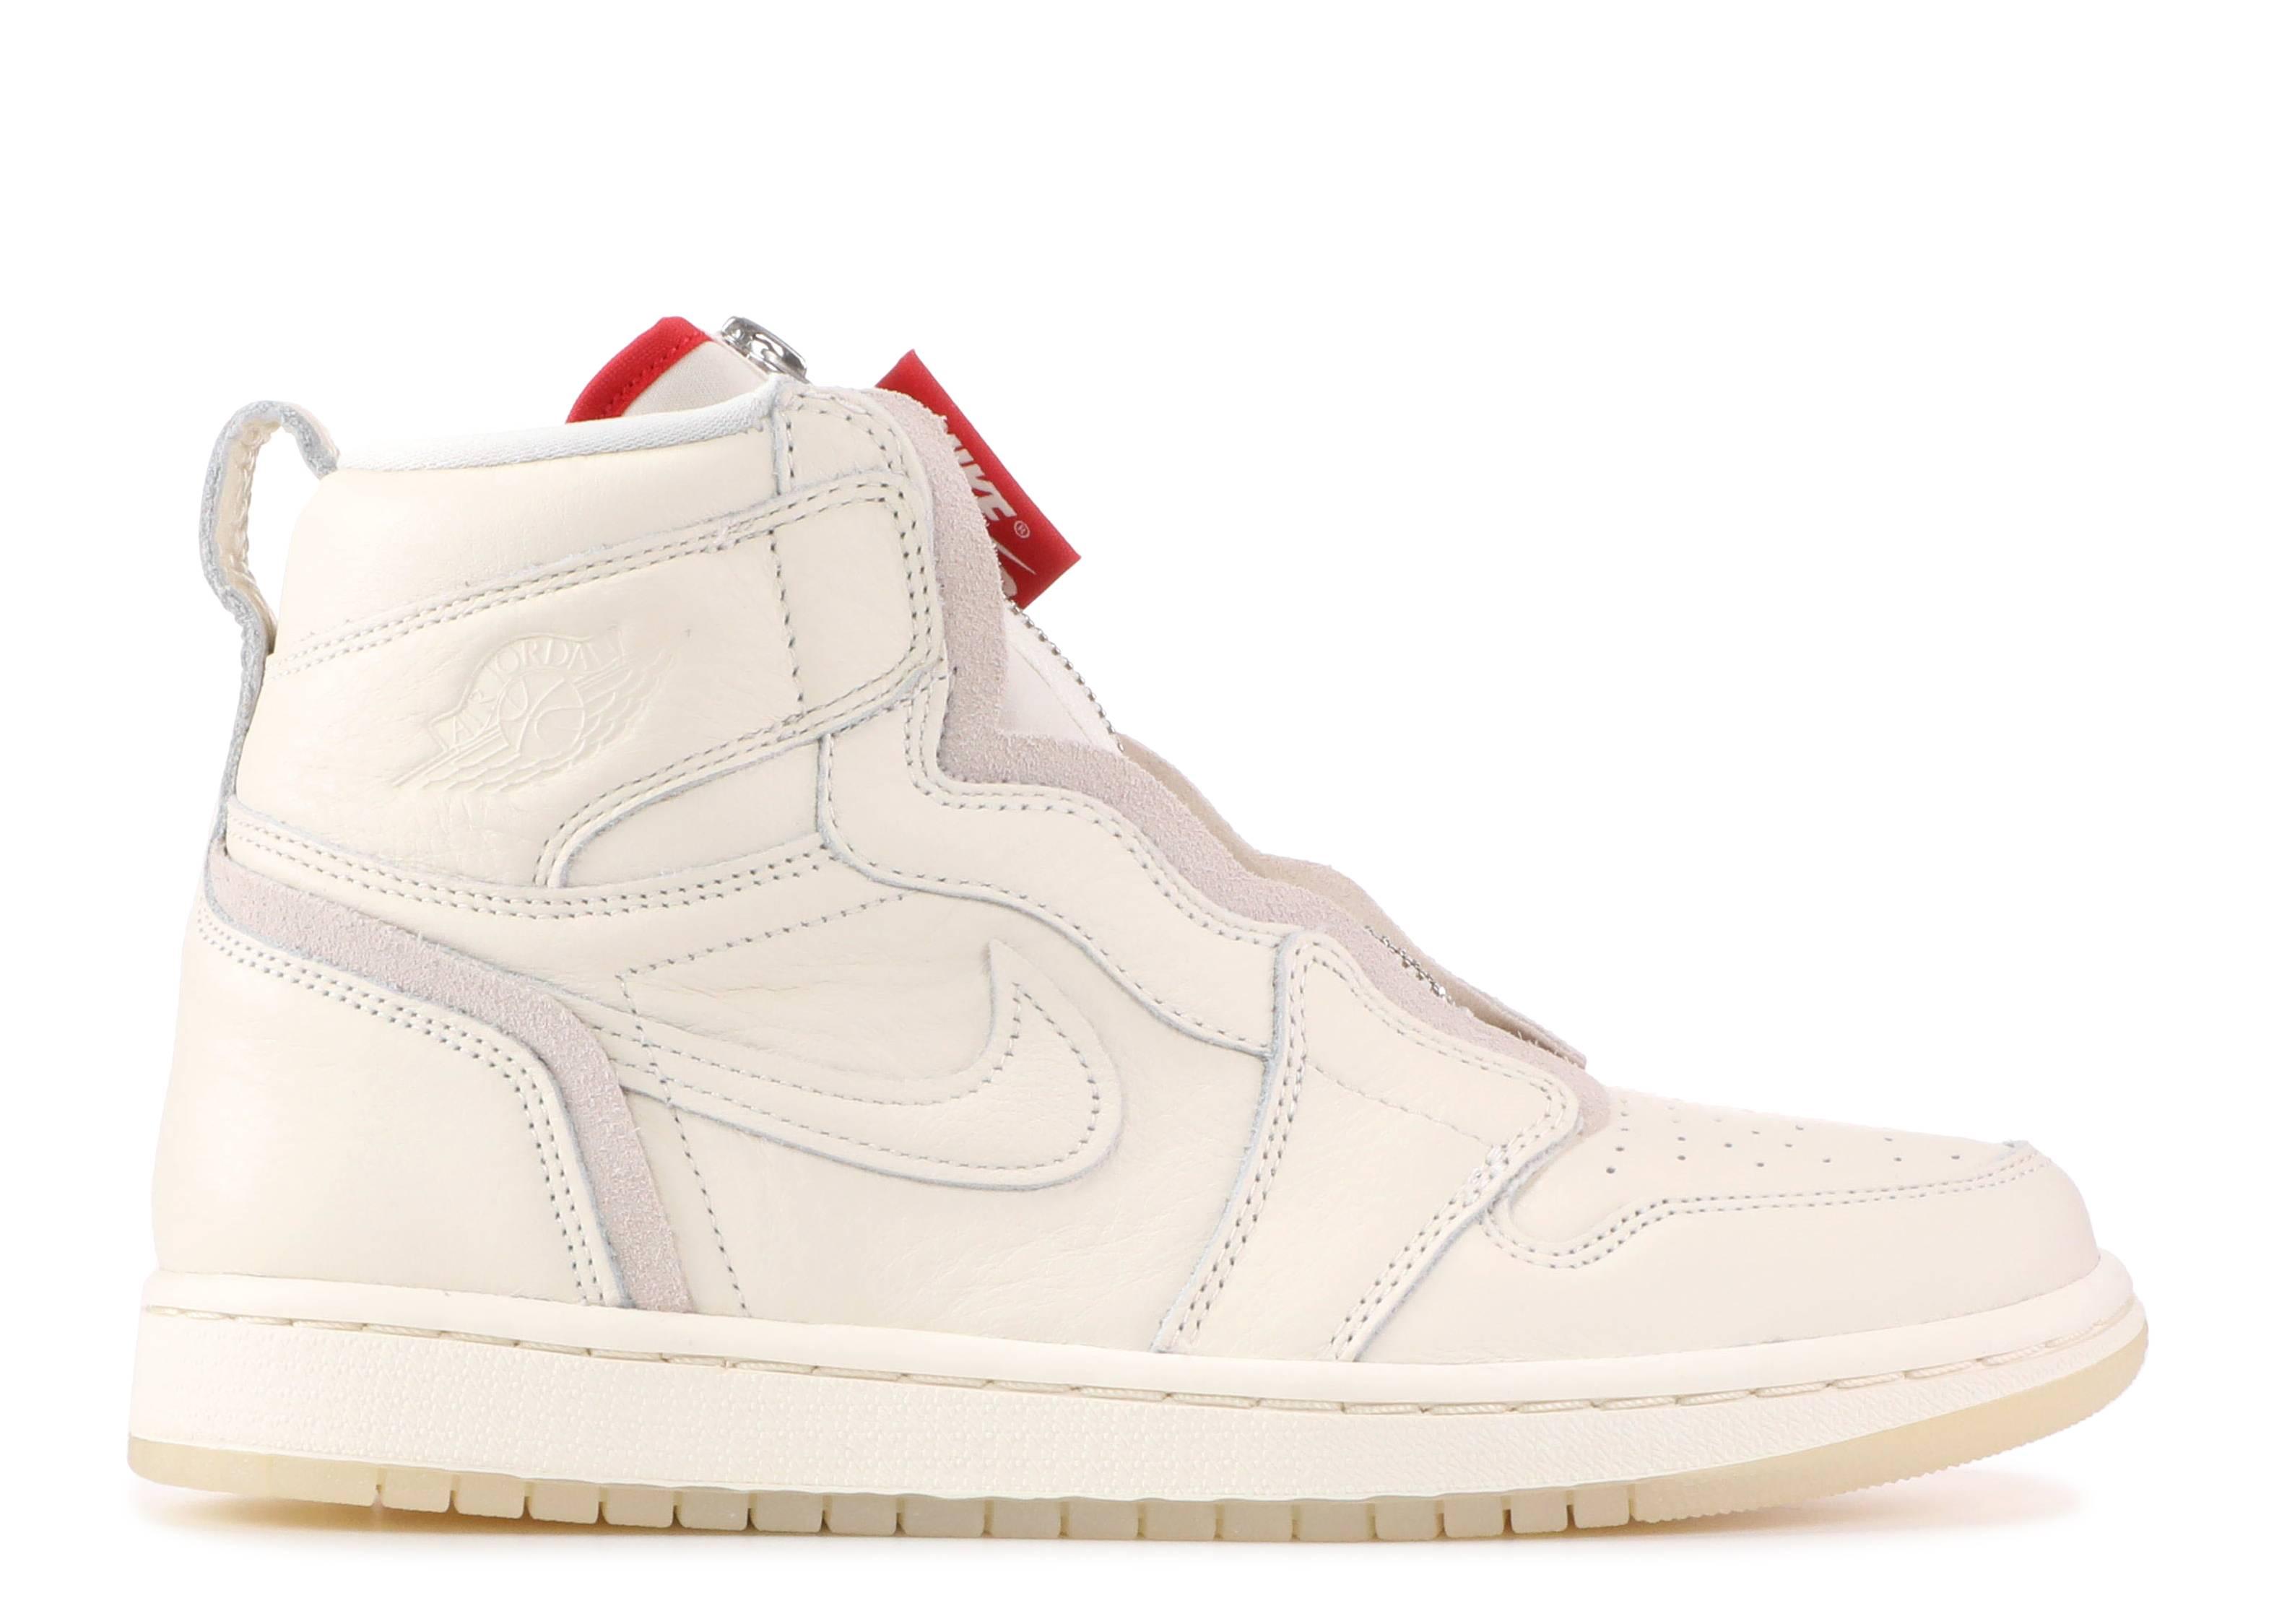 Wair Jordan 1 High Zip Awok